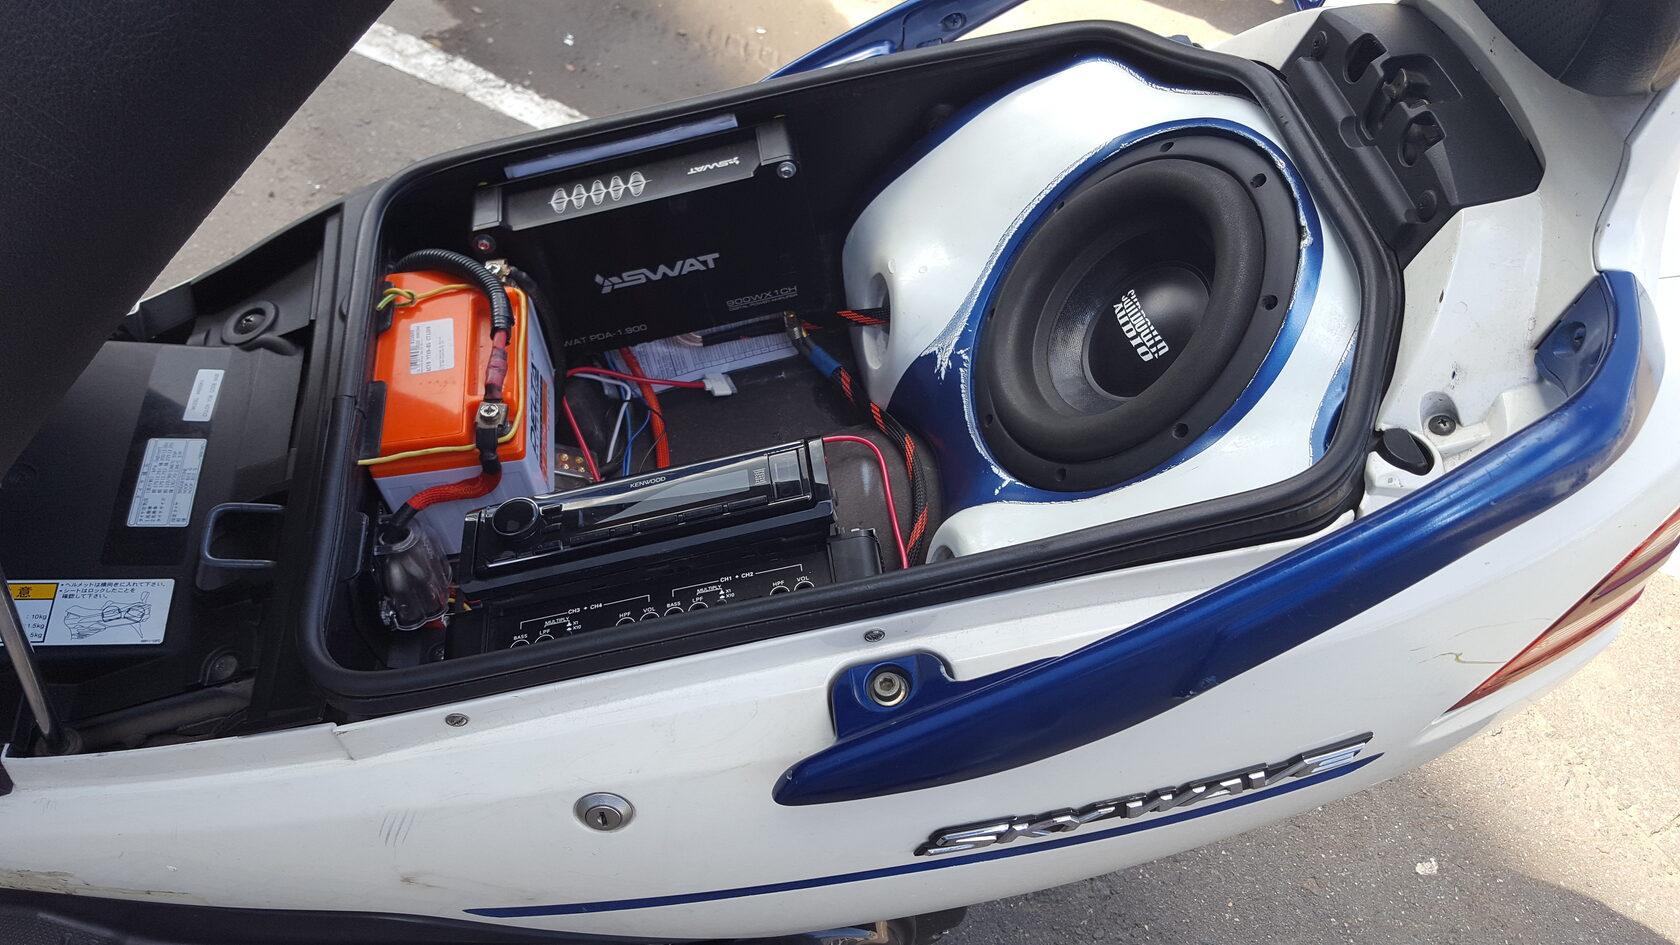 установка сабвуфера на скутер сузуки скайвей